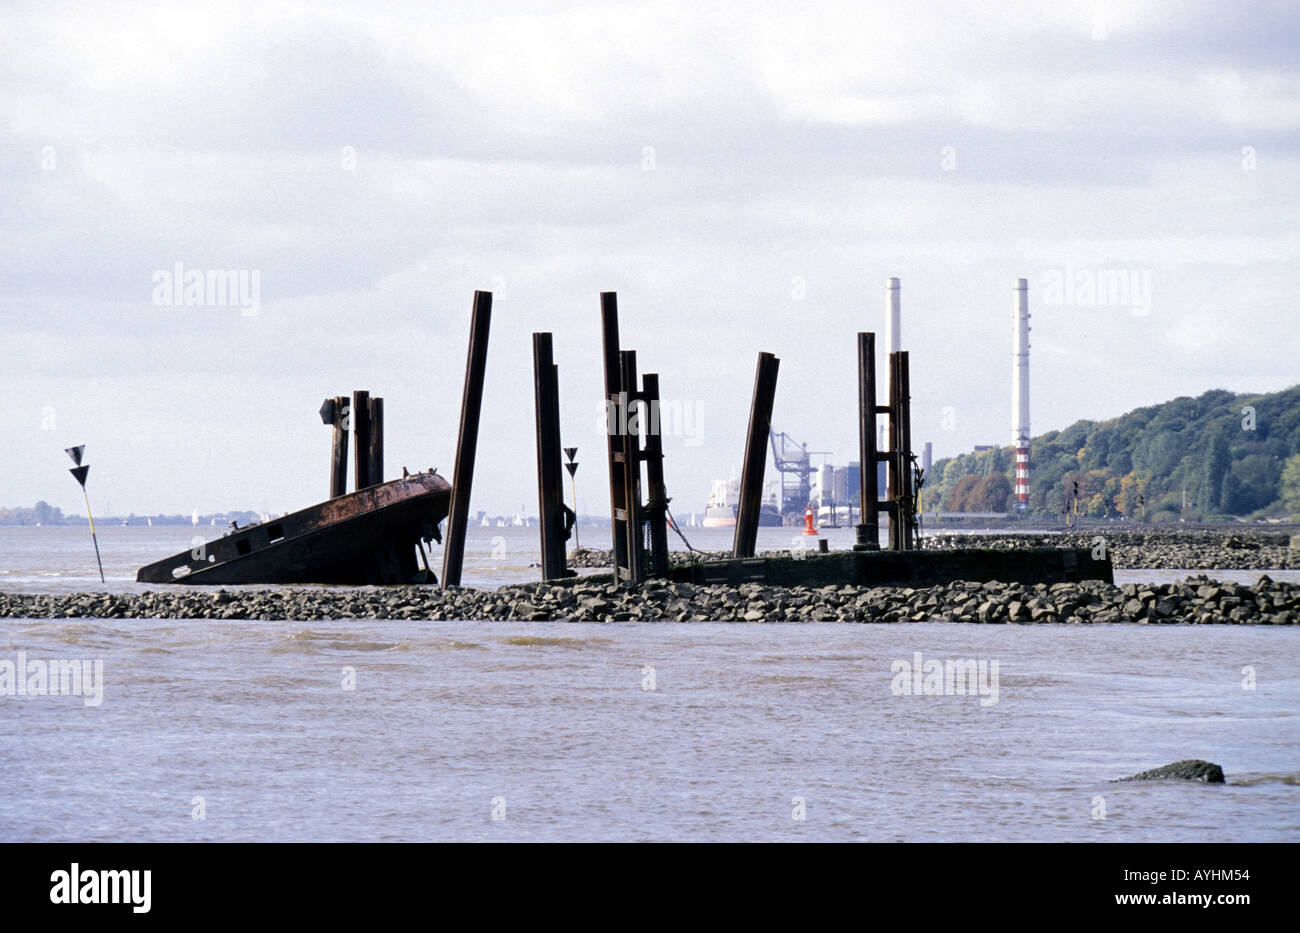 Schiffswrack in der Hamburger Elbe Stockbild